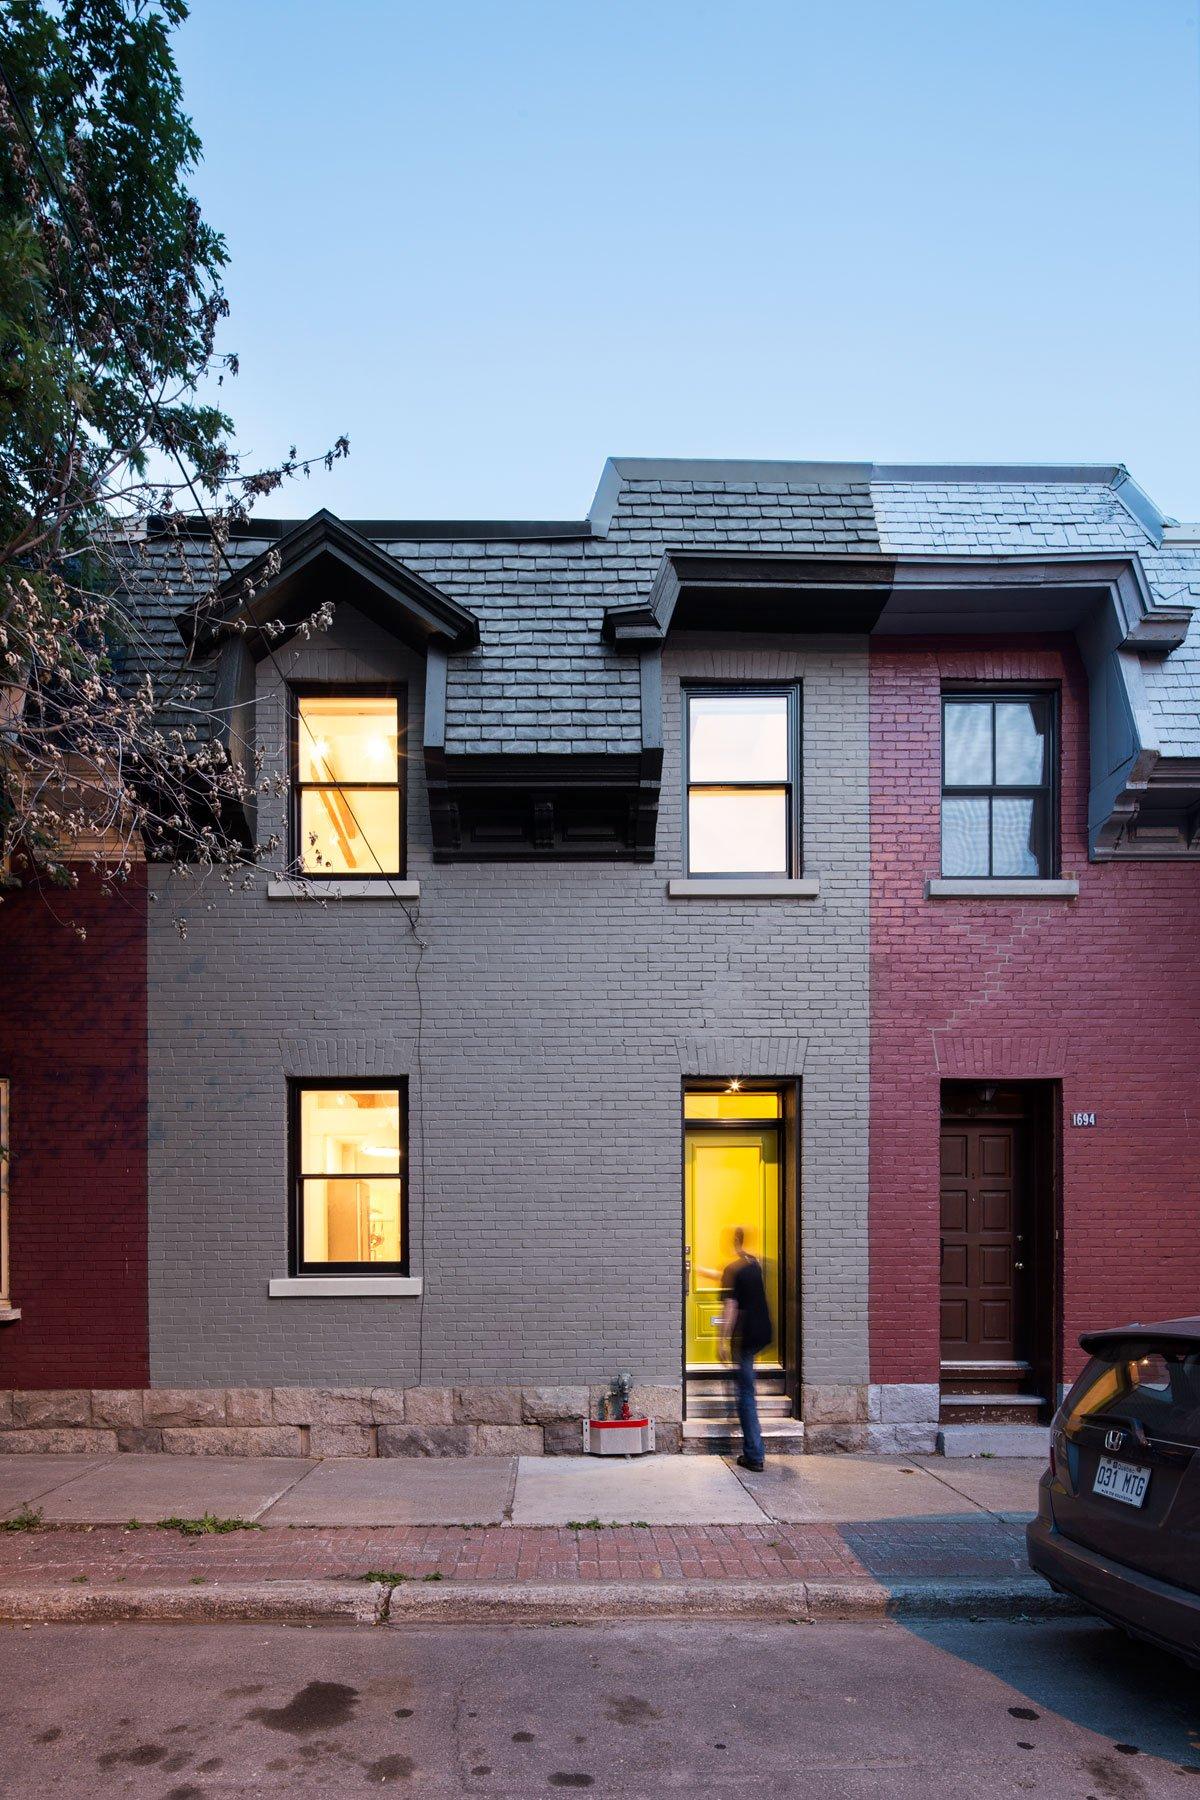 MARK+VIVI, частные дома канады фото, красивые дома канада, яркий интерьер дома, реставрация частного дома, реставрация старой мебели своими руками фото